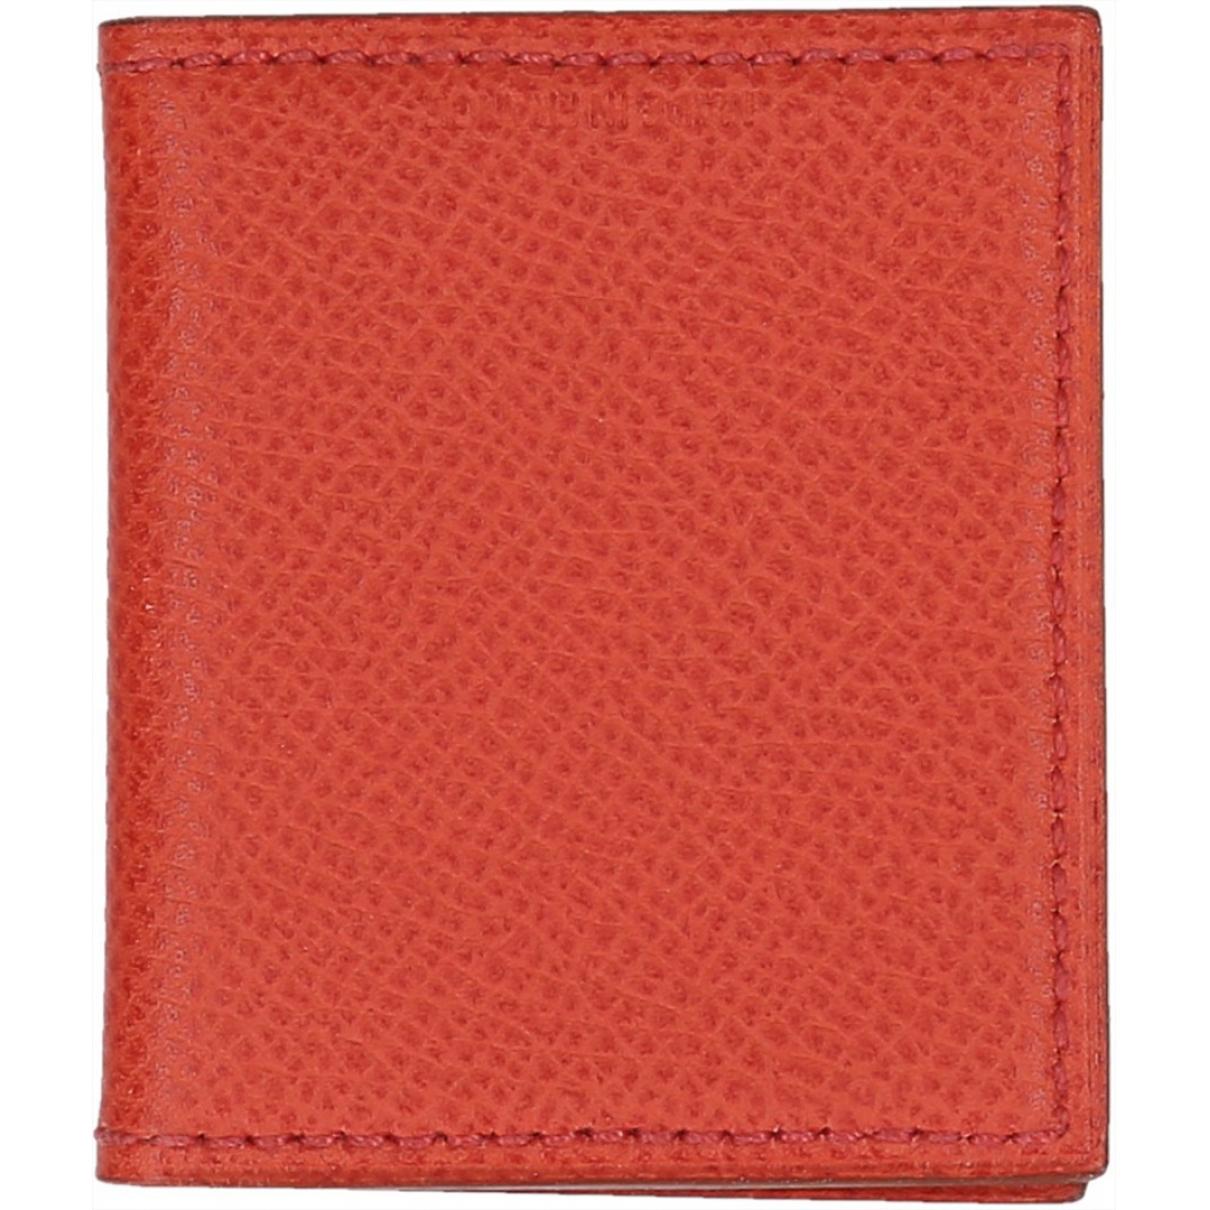 Hermes - Objets & Deco   pour lifestyle en cuir - rouge